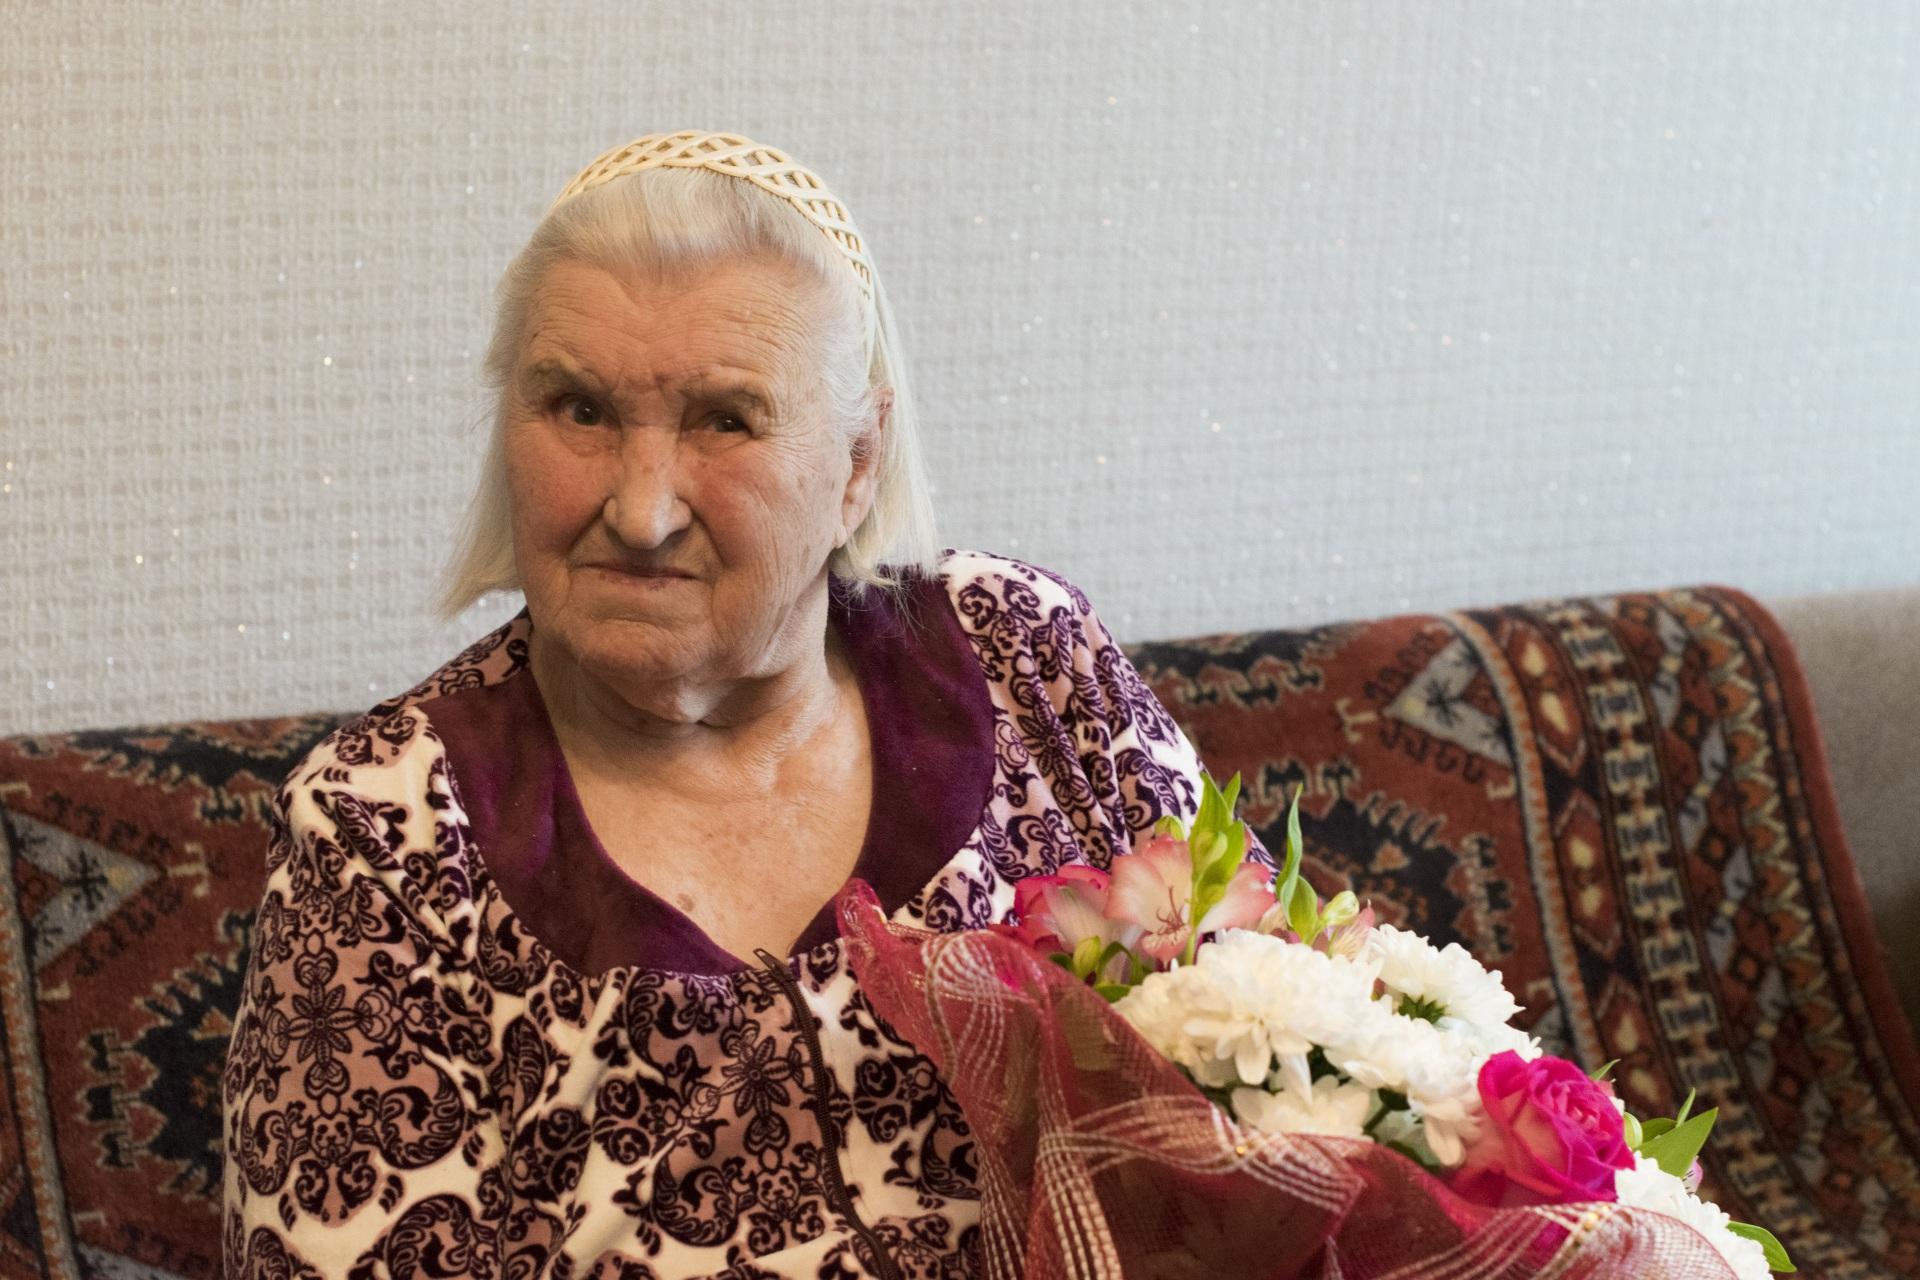 Глава Ухты поздравил с 90-летним юбилеем жительницу Водного Дину Щелканову